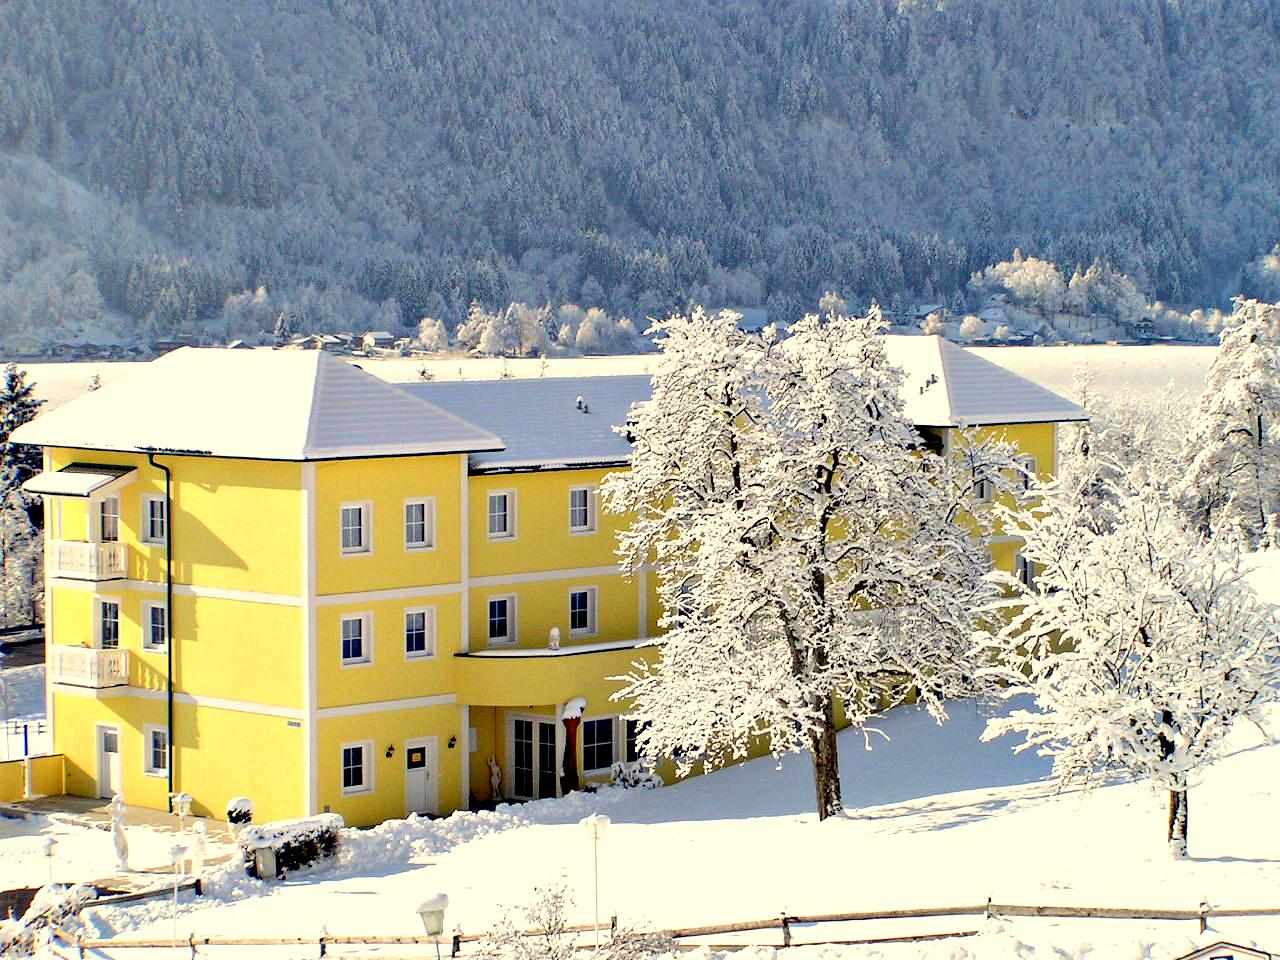 Ferienschlössl in winter scenery